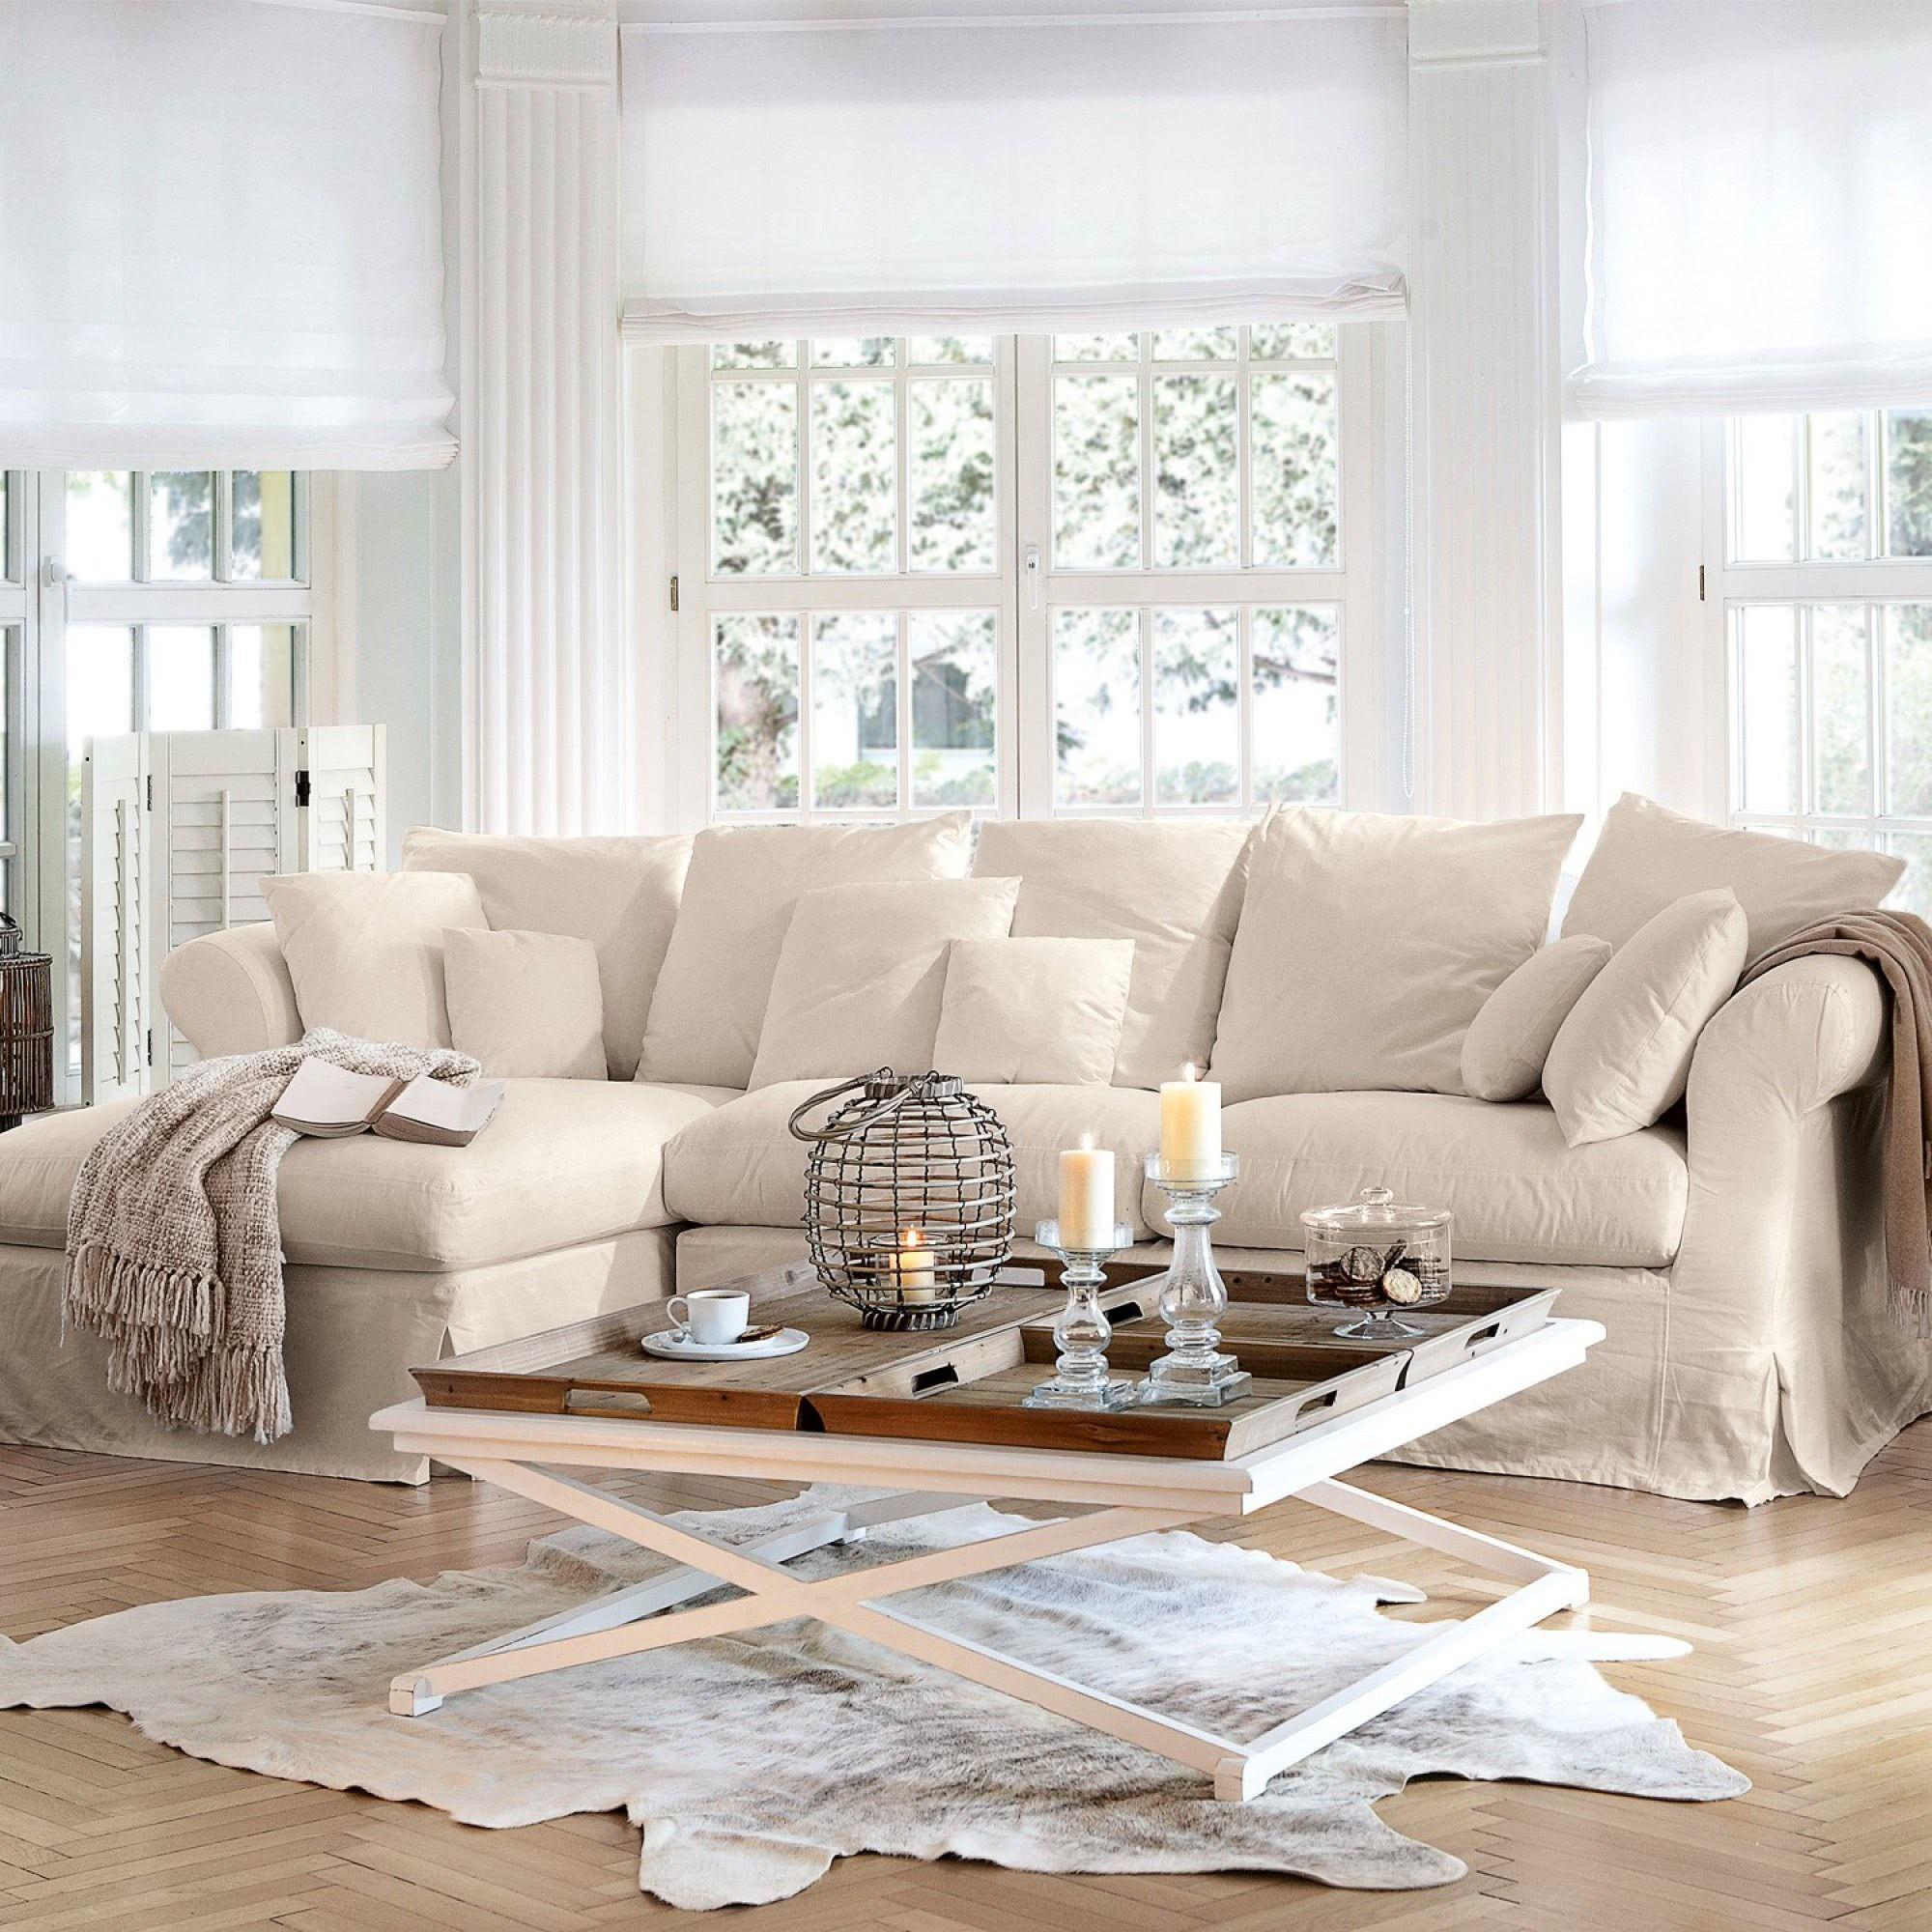 68 Majestic Kollektion Von Sofa Amerikanischer Stil Sofa Landhausstil Landhaus Sofa Couch Mobel